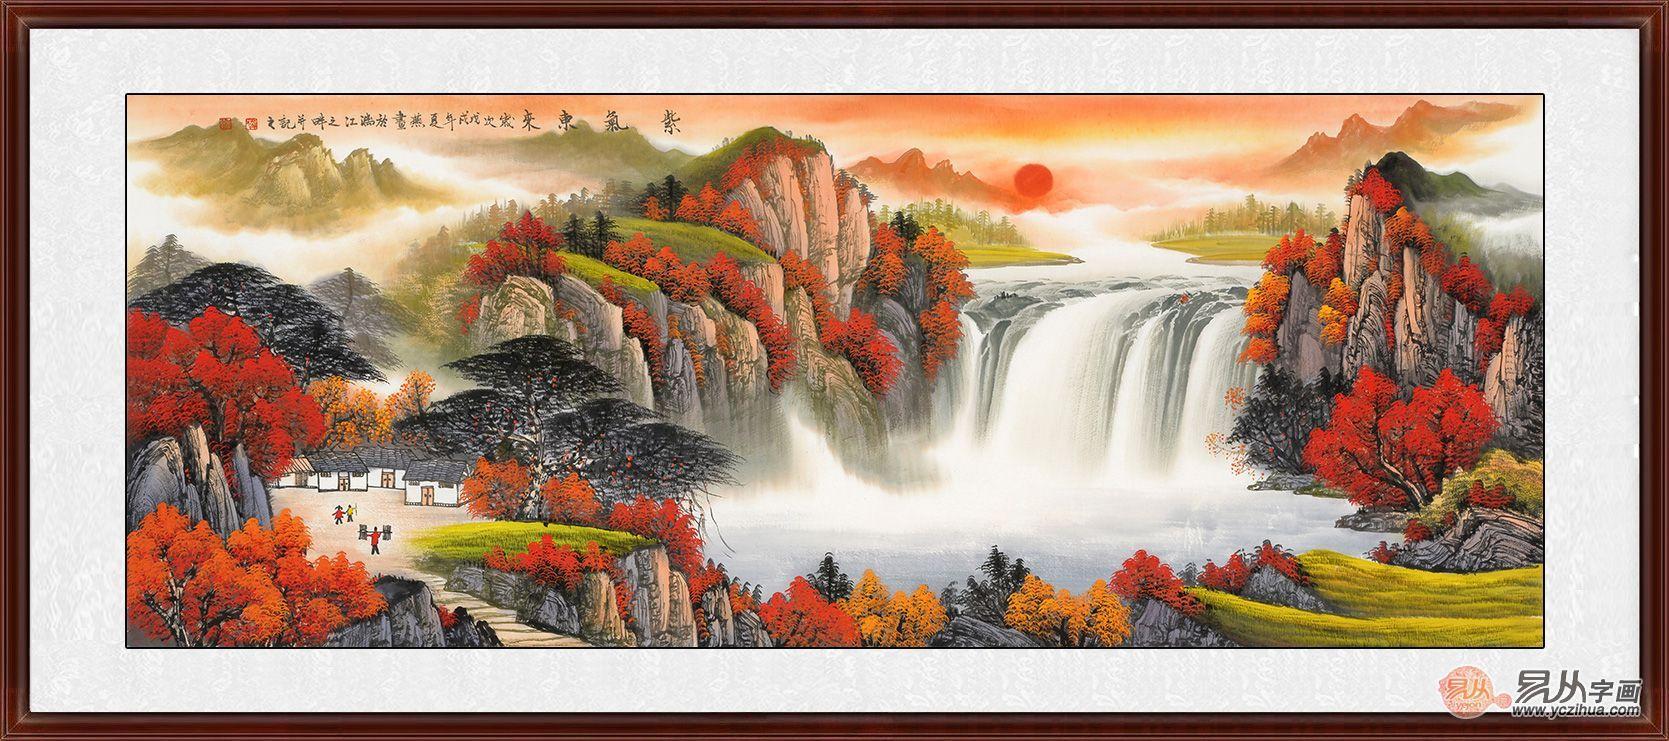 精美自然山水客廳裝飾掛畫,低調奢華的舒適